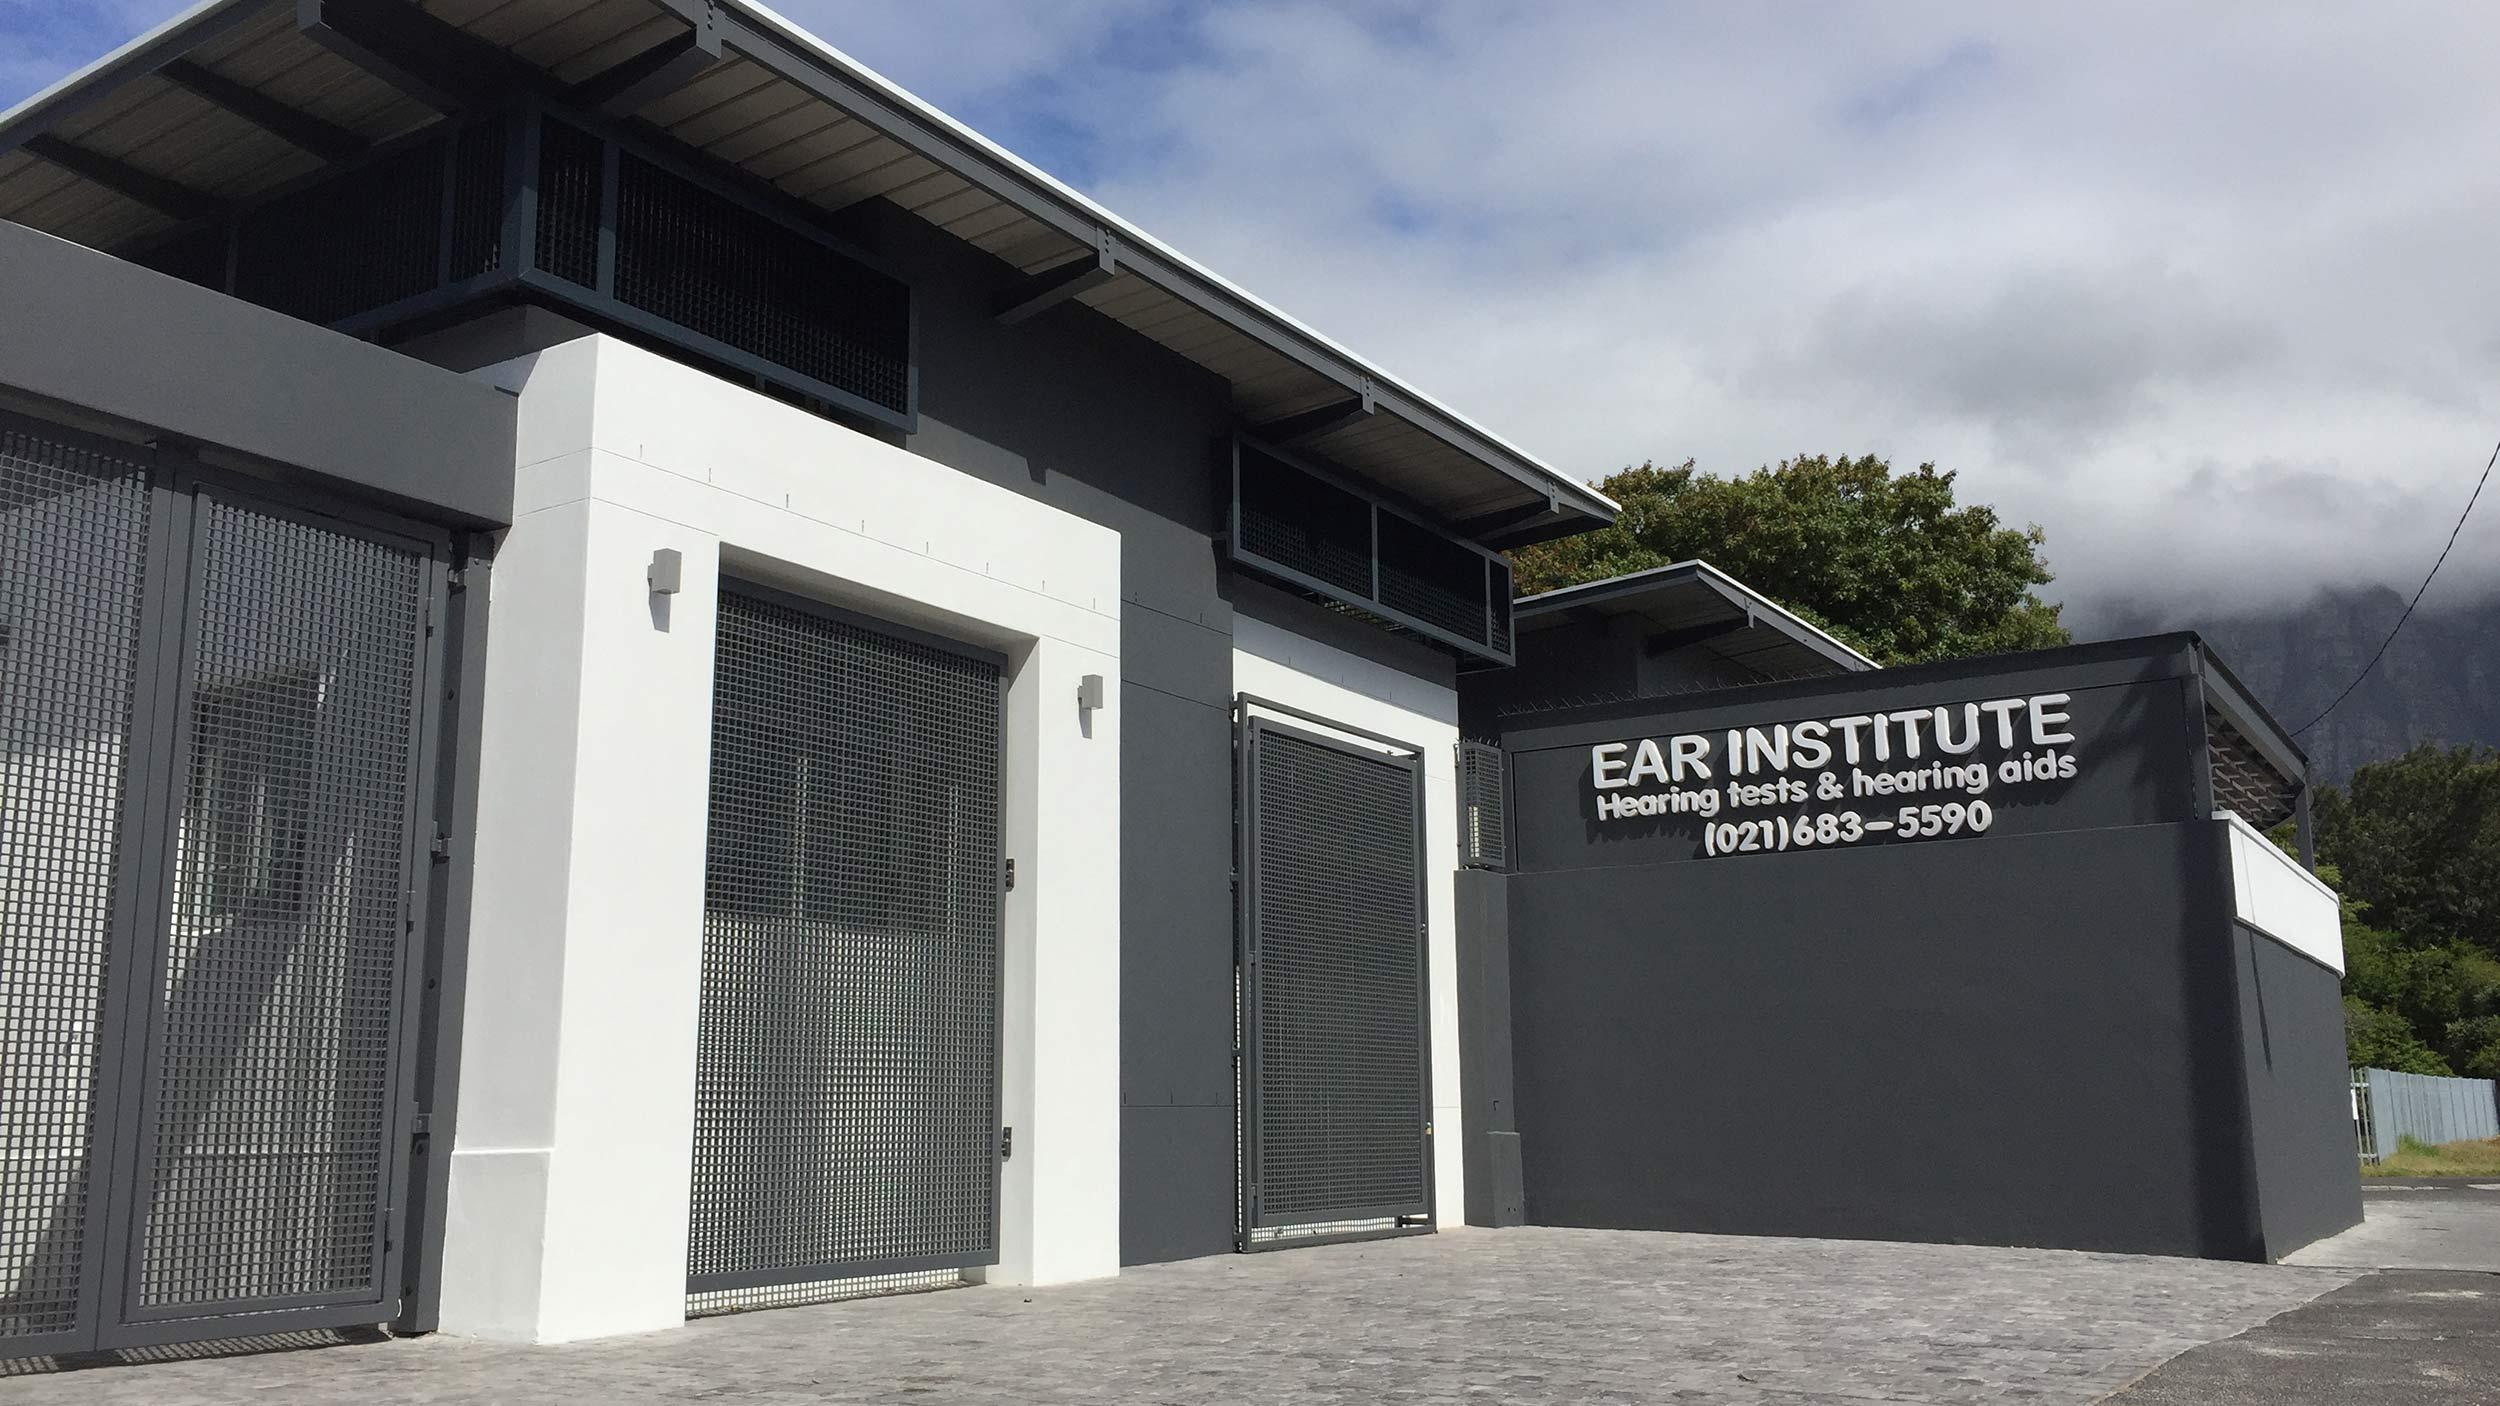 Claremont Ear Institute Exterior